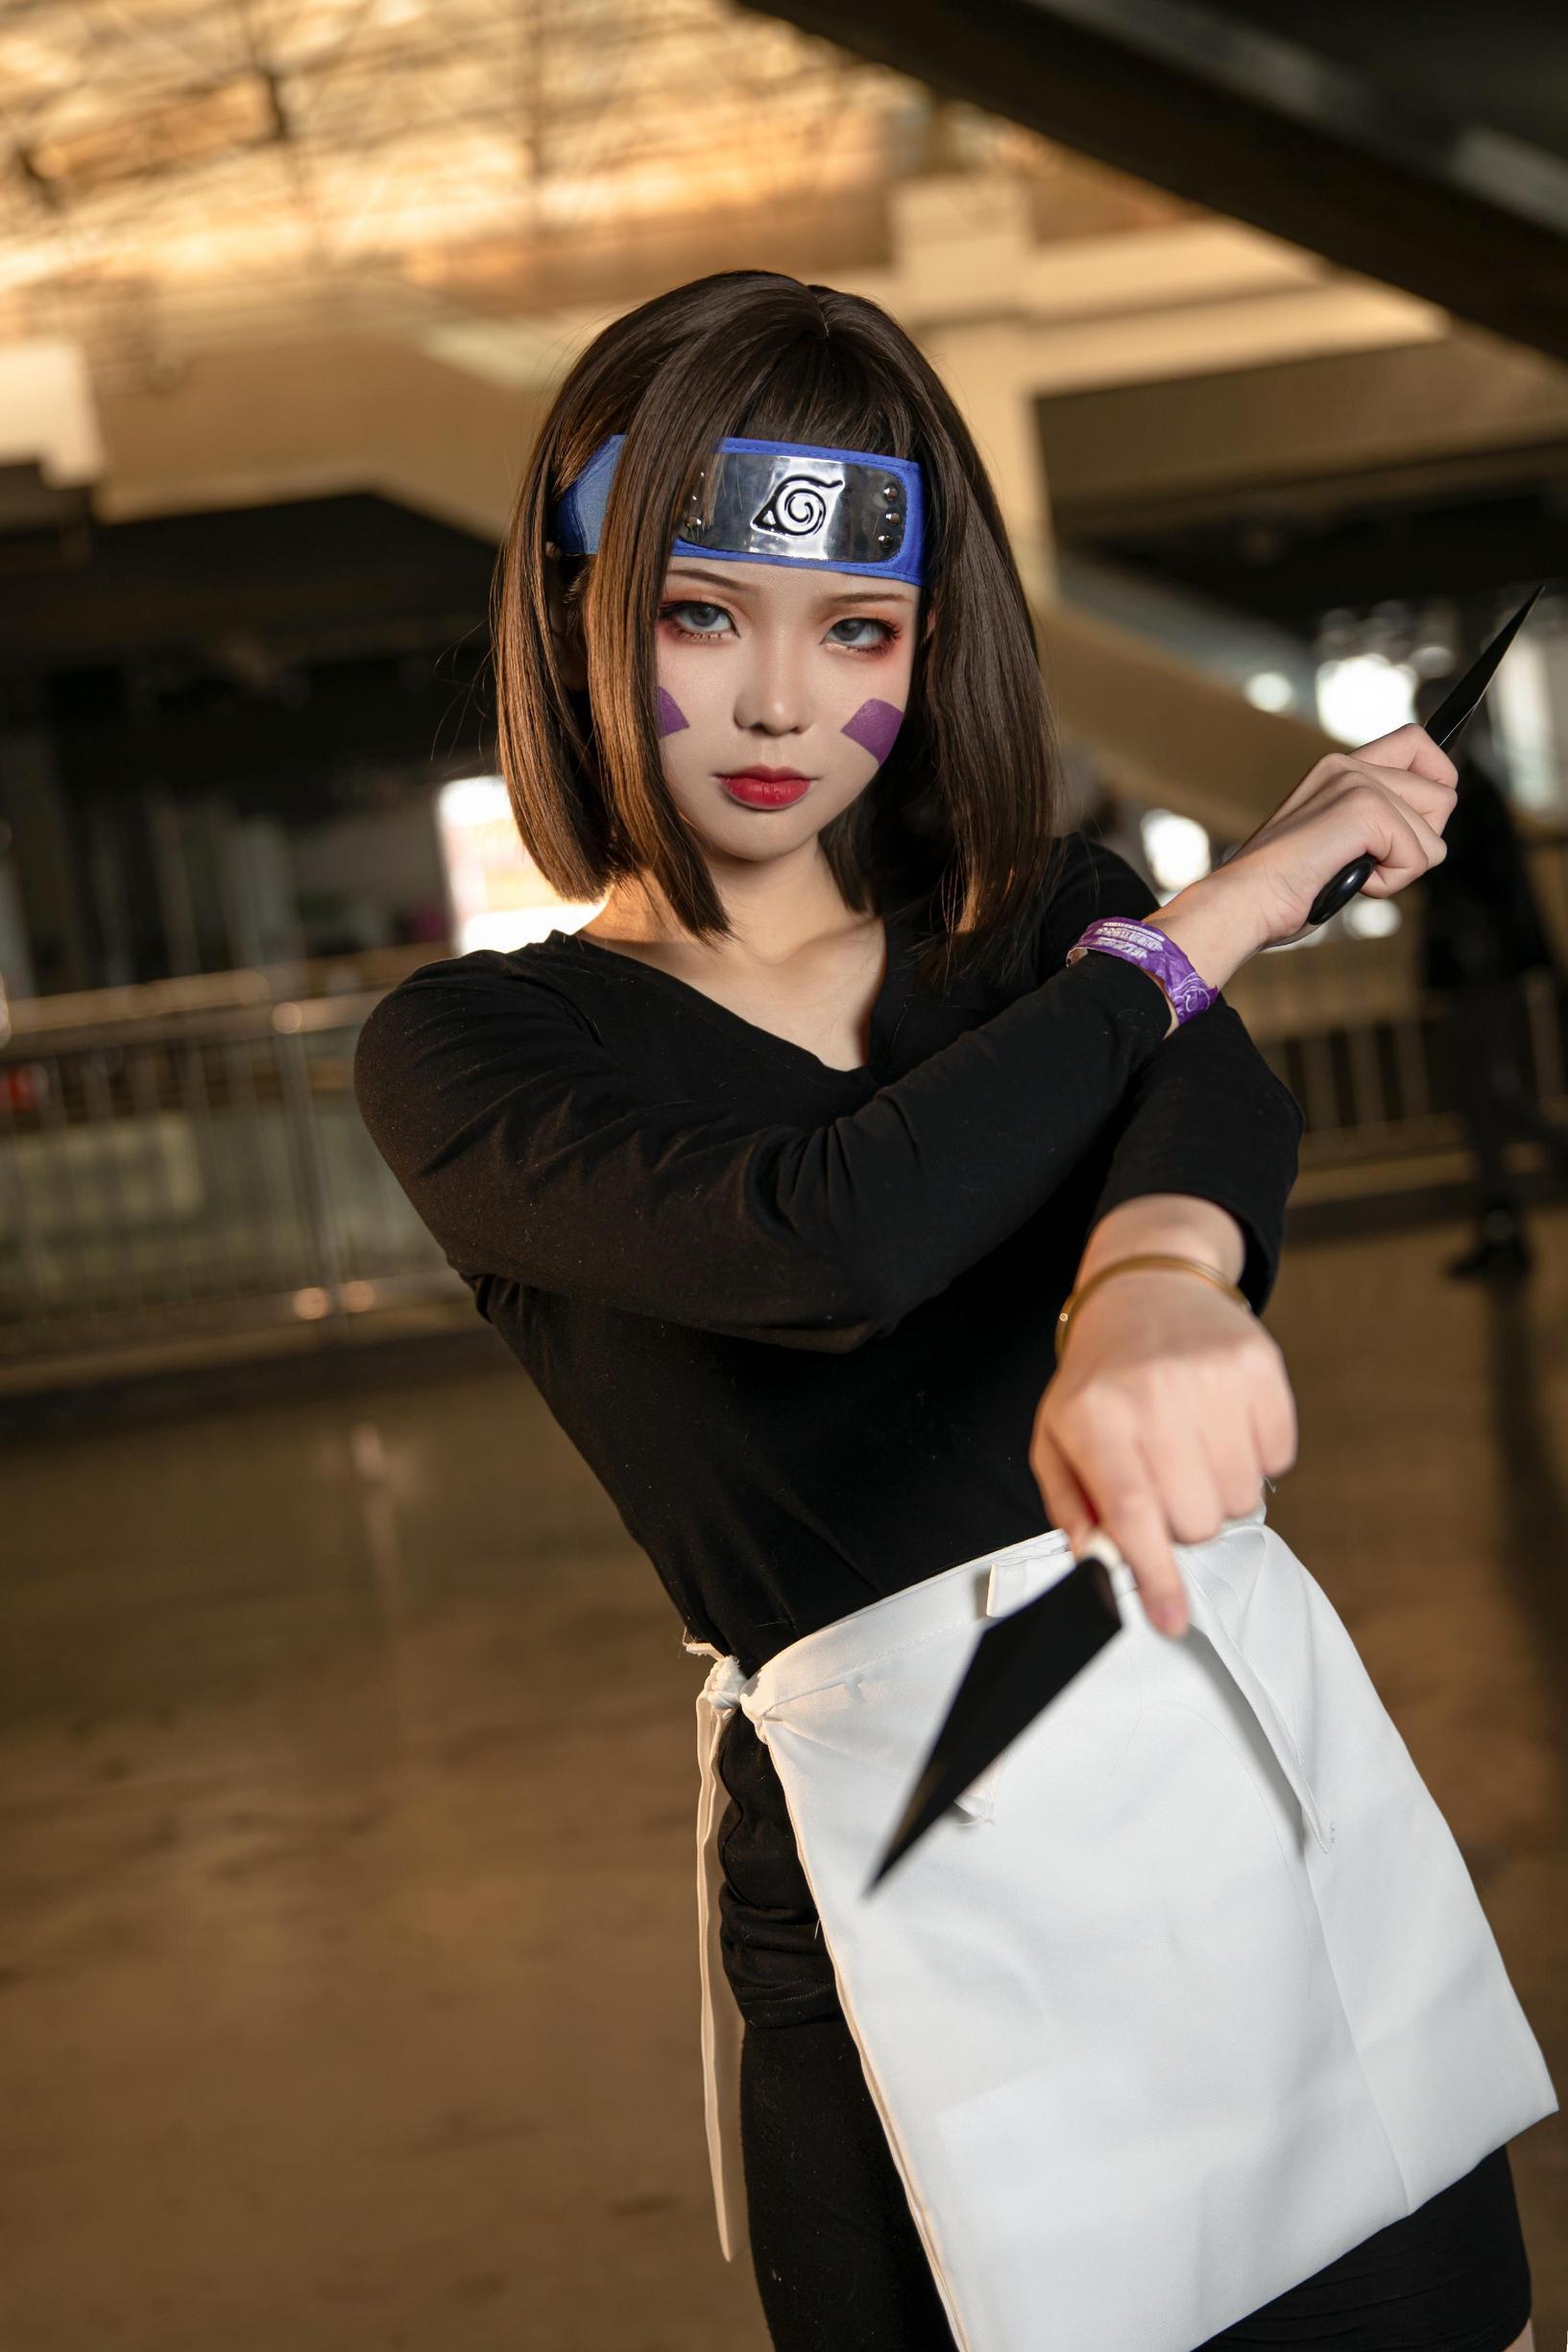 《火影忍者》漫展cosplay【CN:我想换个昵称咋老不过审】-第2张